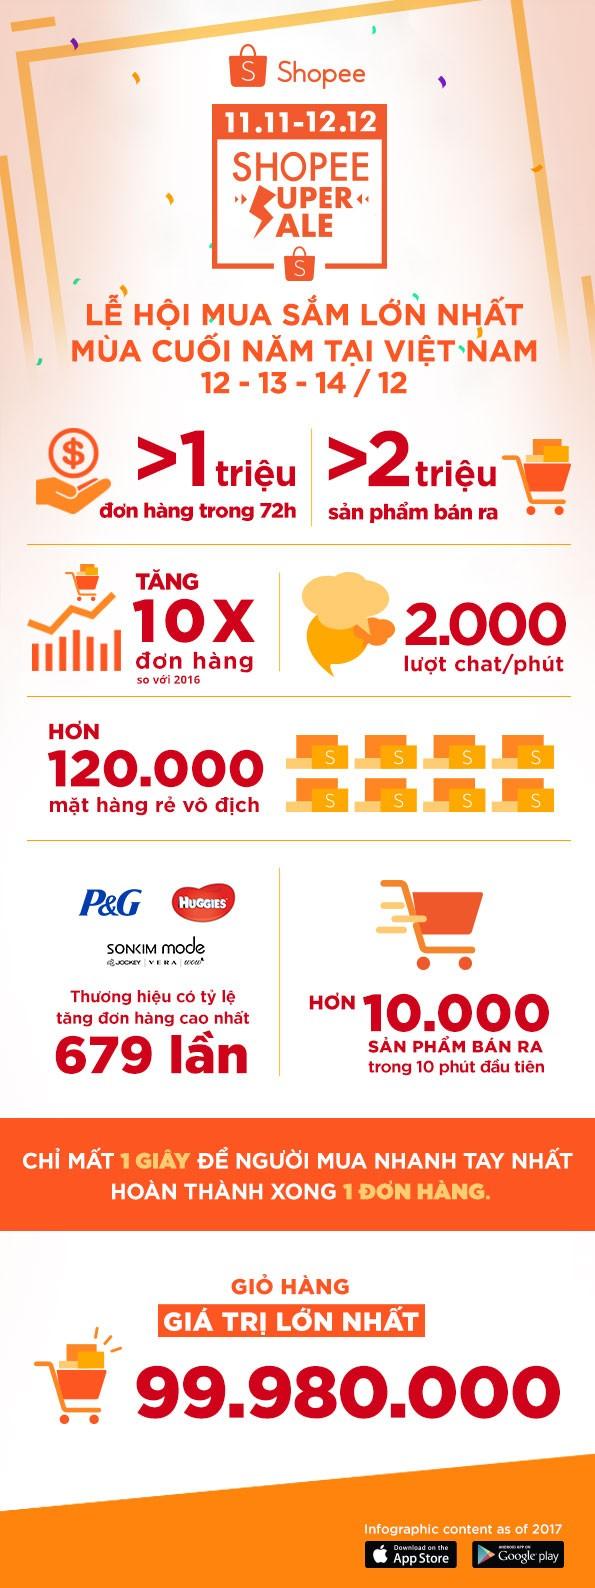 Shopee đạt 1 triệu đơn hàng trong 72 giờ